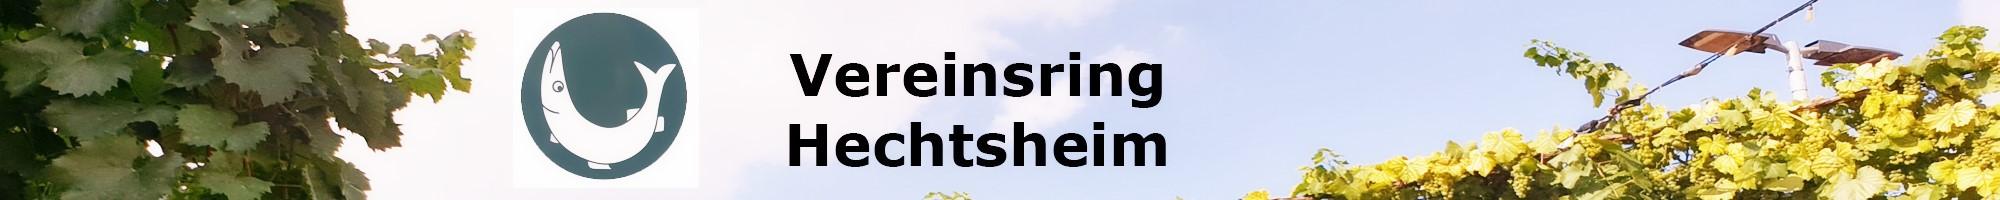 Vereinsring Hechtsheim